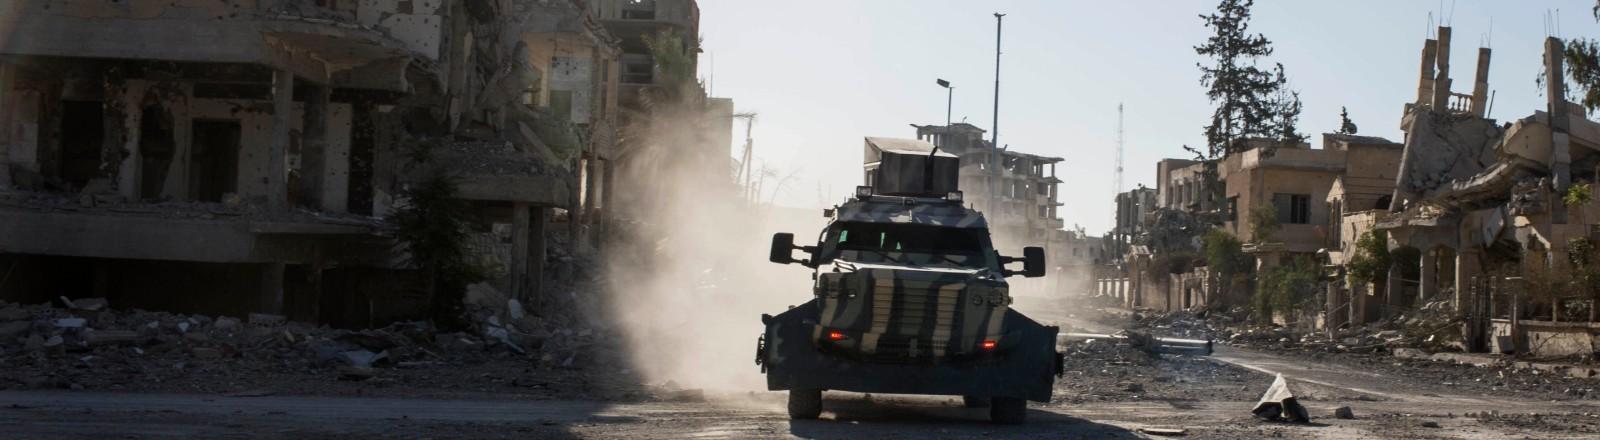 Ein Militärfahrzeug fährt vorbei an Ruinen durch die zerstörte Stadt Rakka in Syrien.